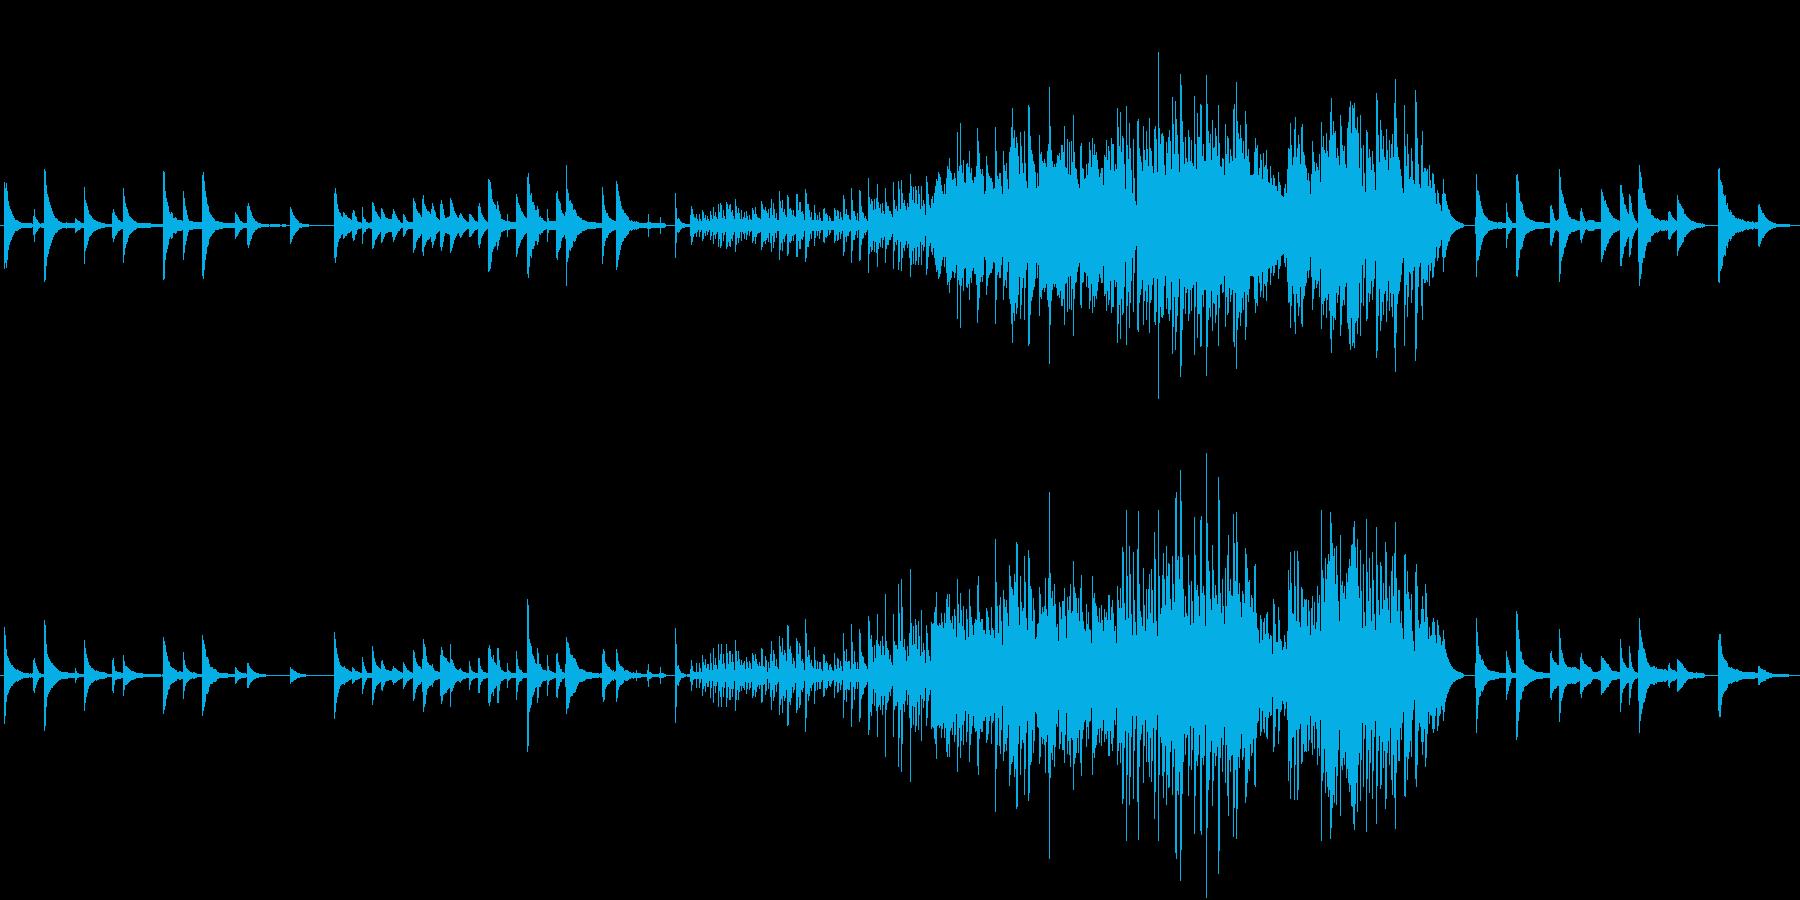 悲観的なピアノ曲の再生済みの波形